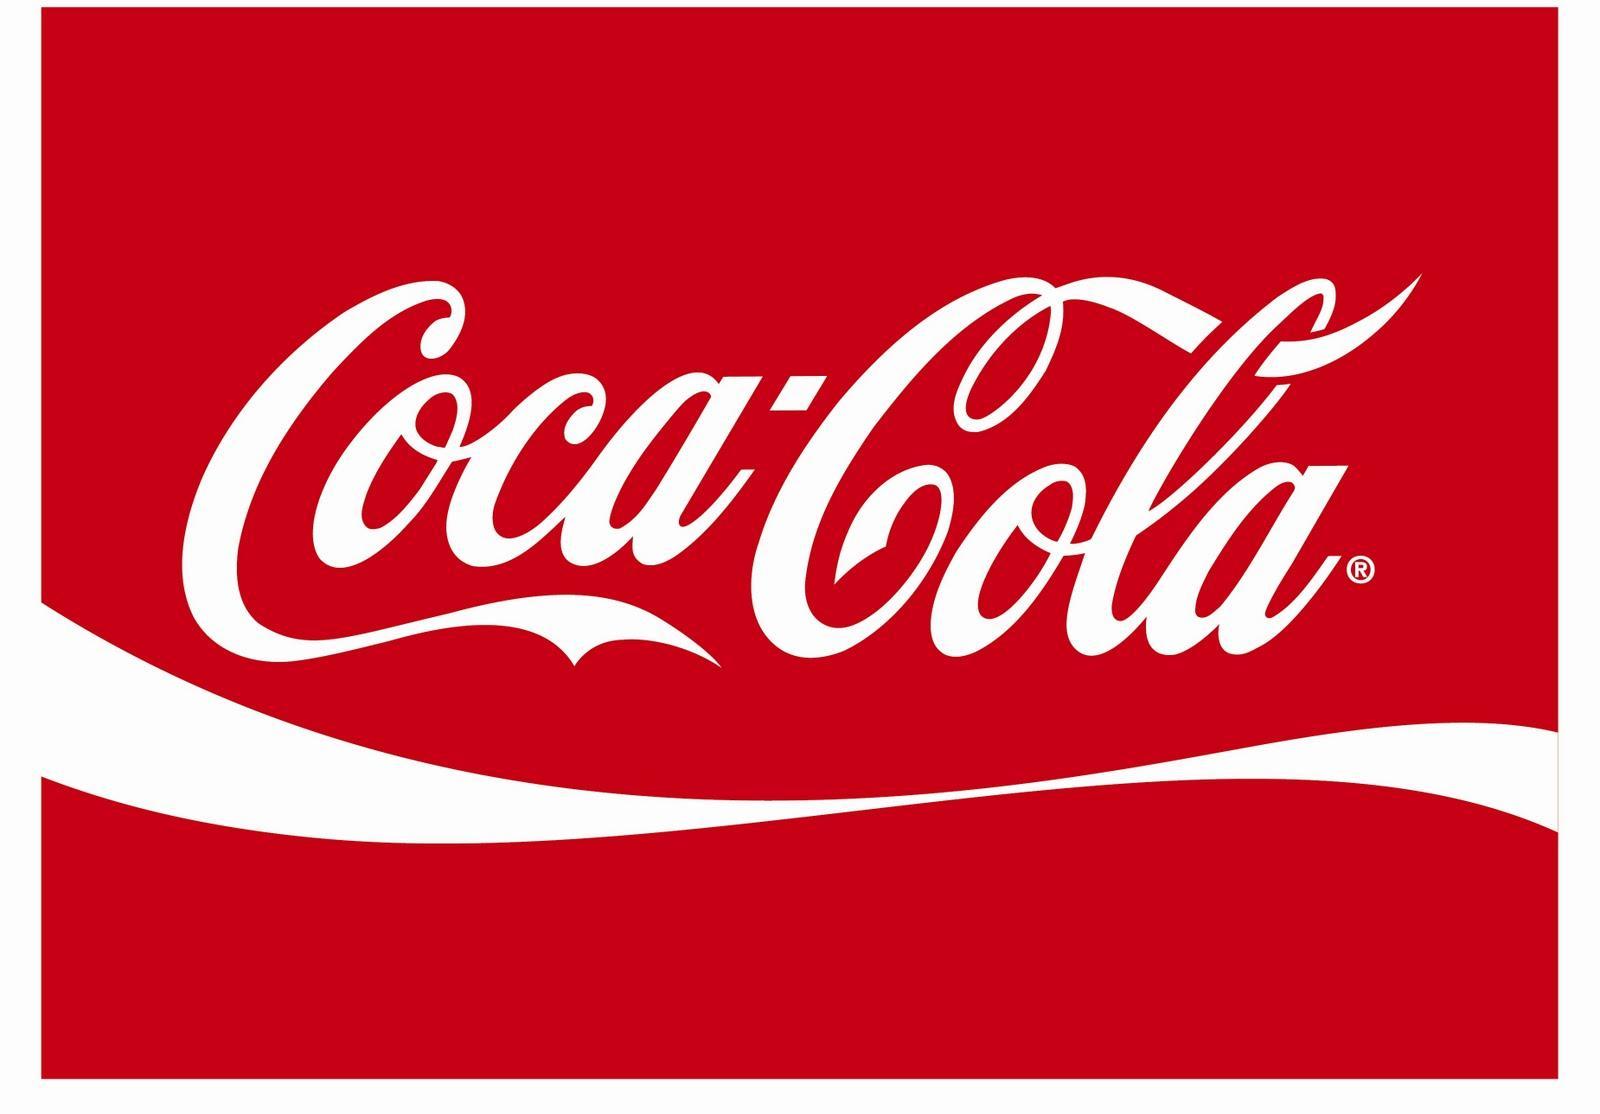 'Coca-Cola' - Vrai ou faux ?